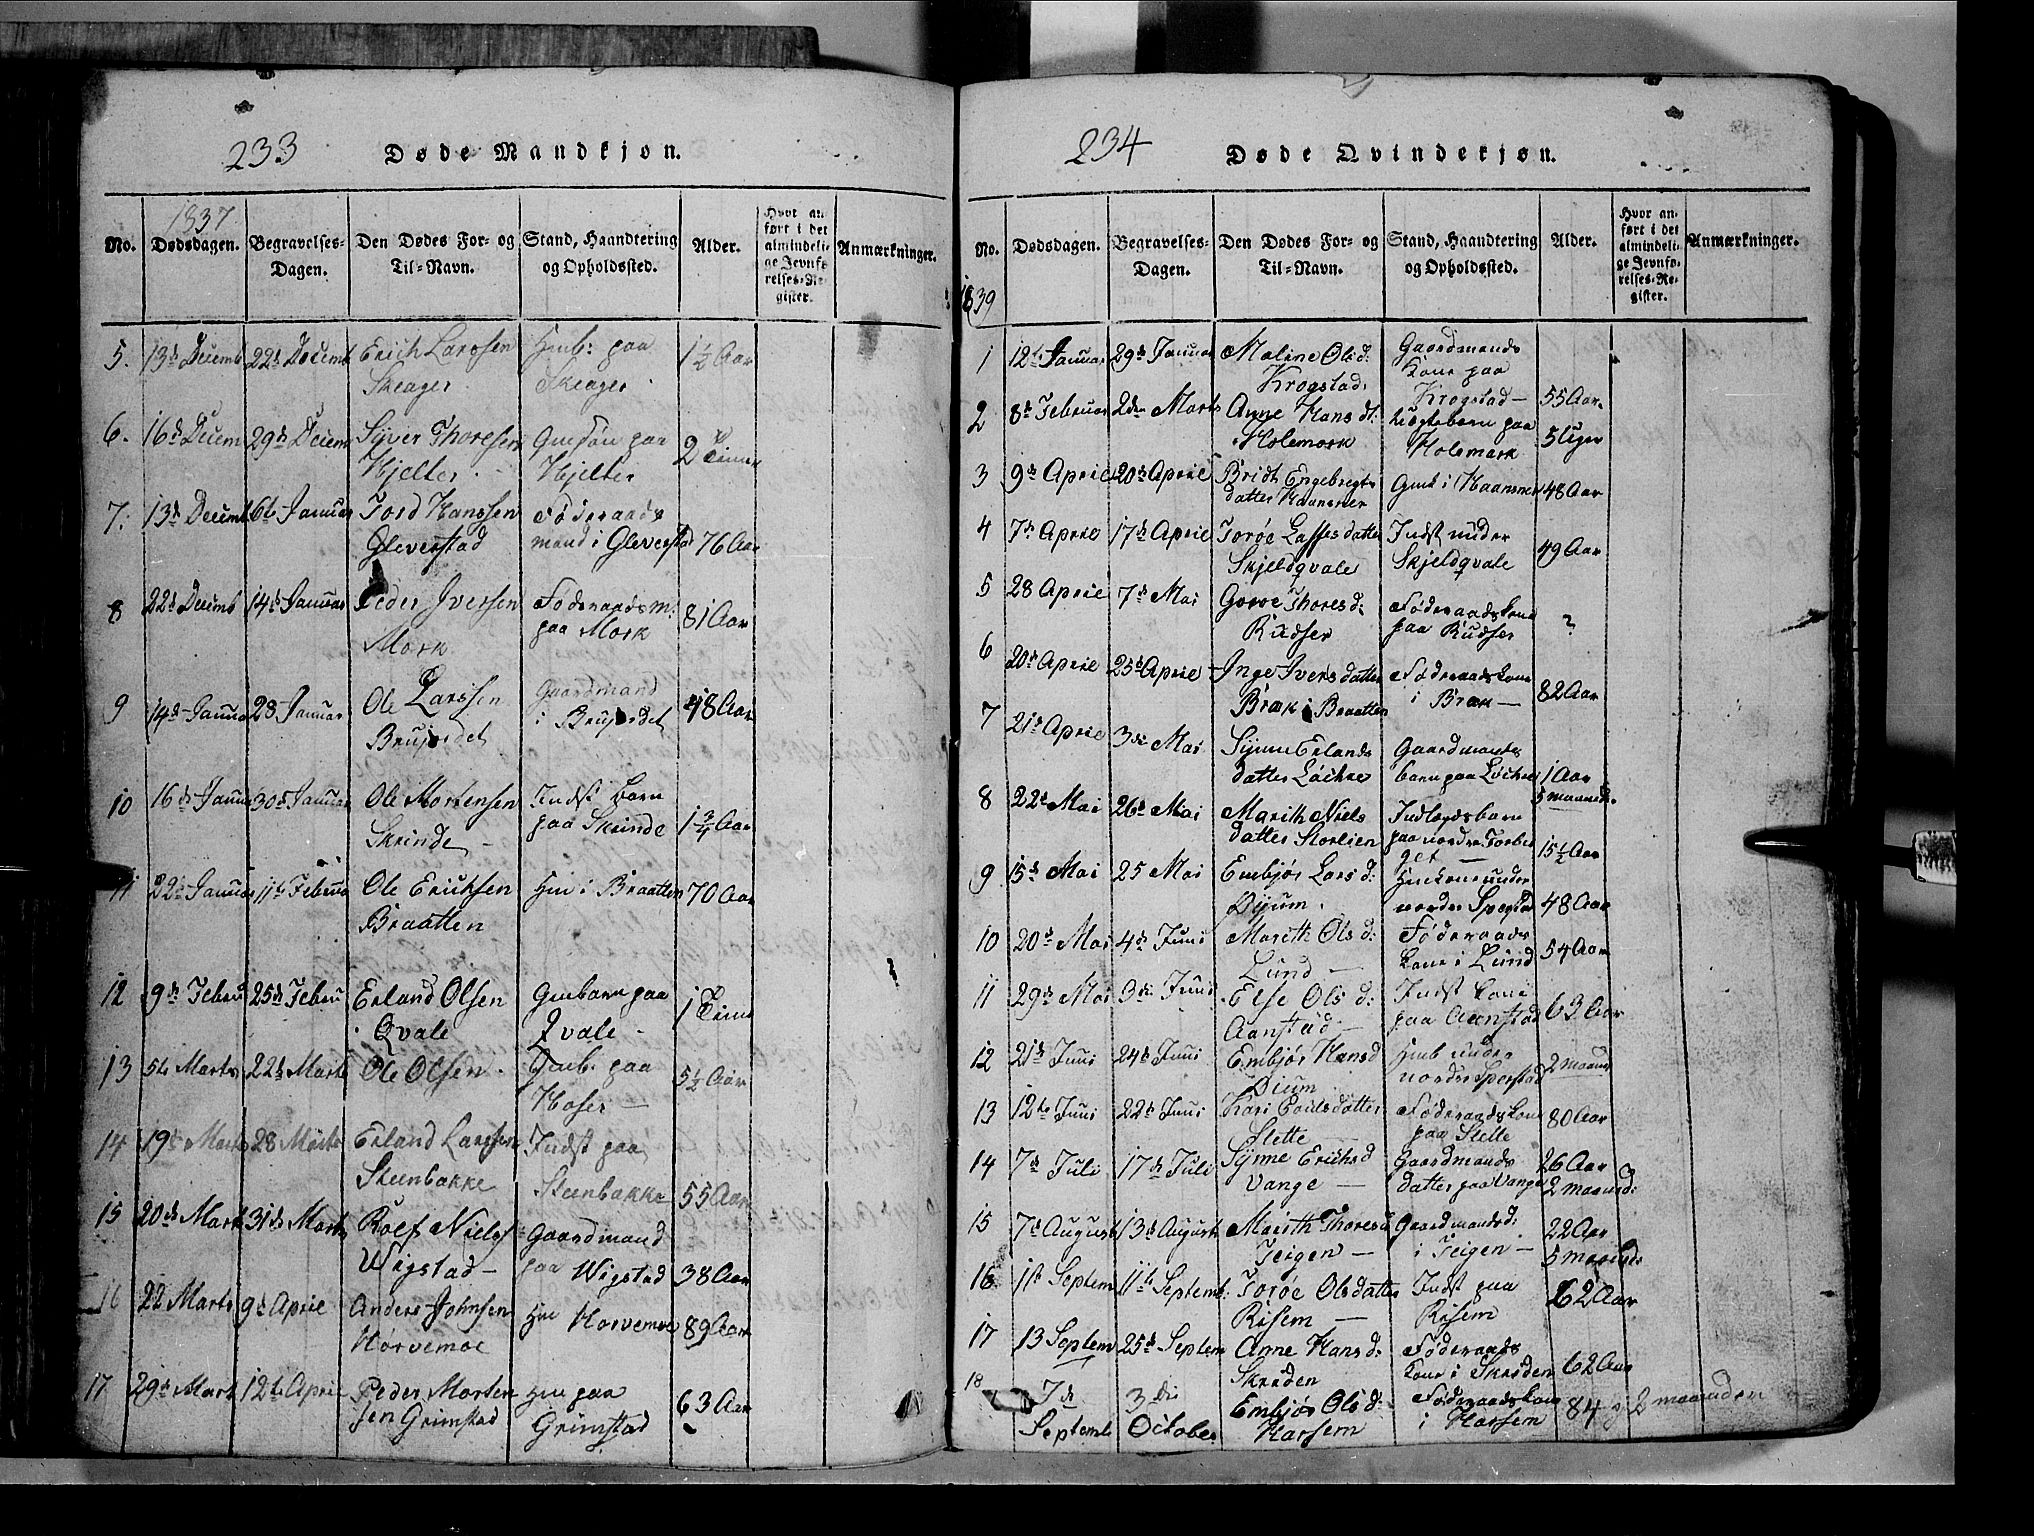 SAH, Lom prestekontor, L/L0003: Klokkerbok nr. 3, 1815-1844, s. 233-234